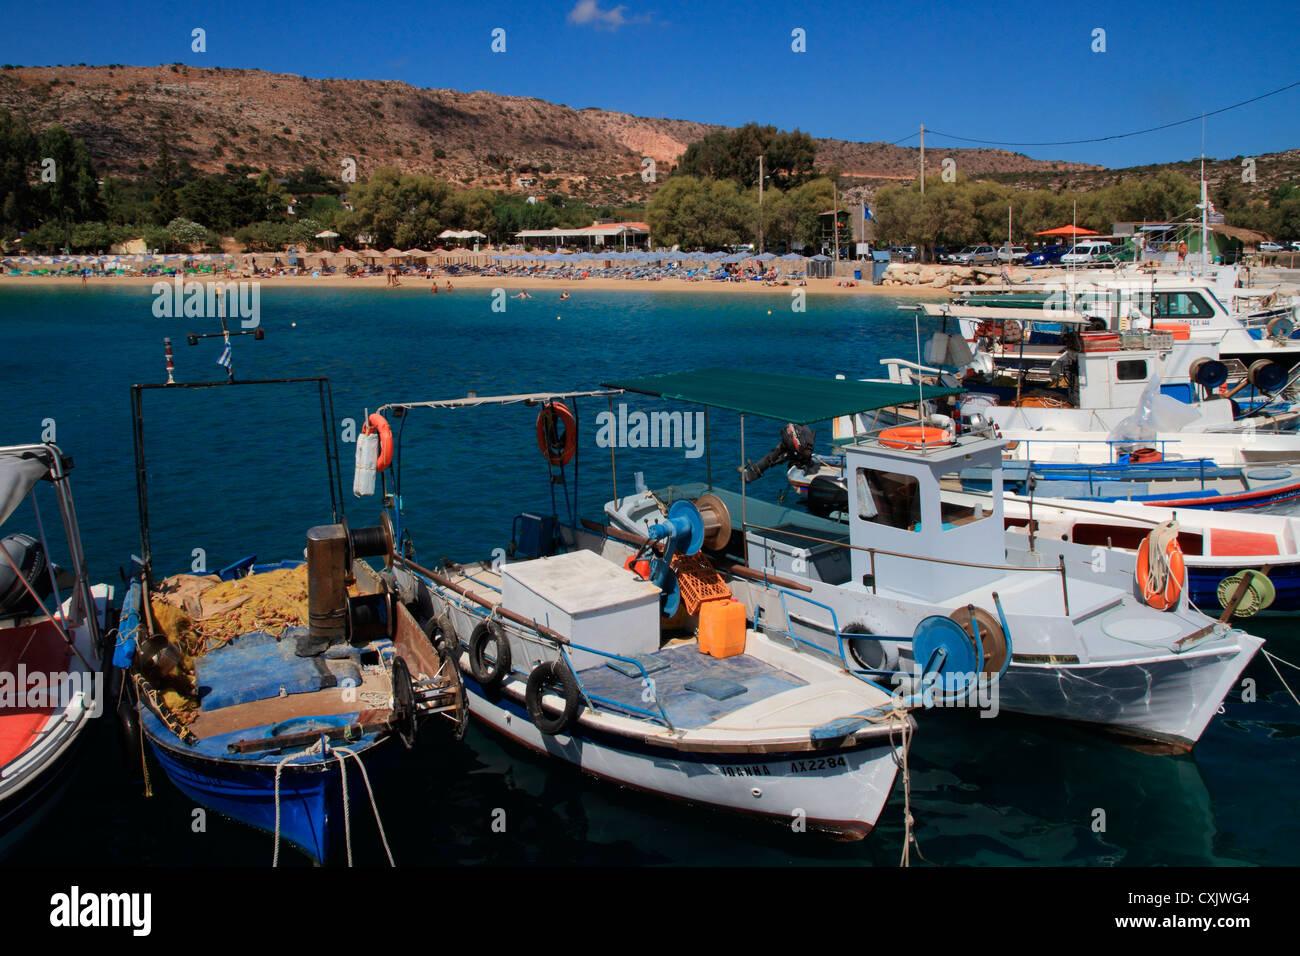 Greece Crete Chania Akrotiri Marathi harbour - Stock Image